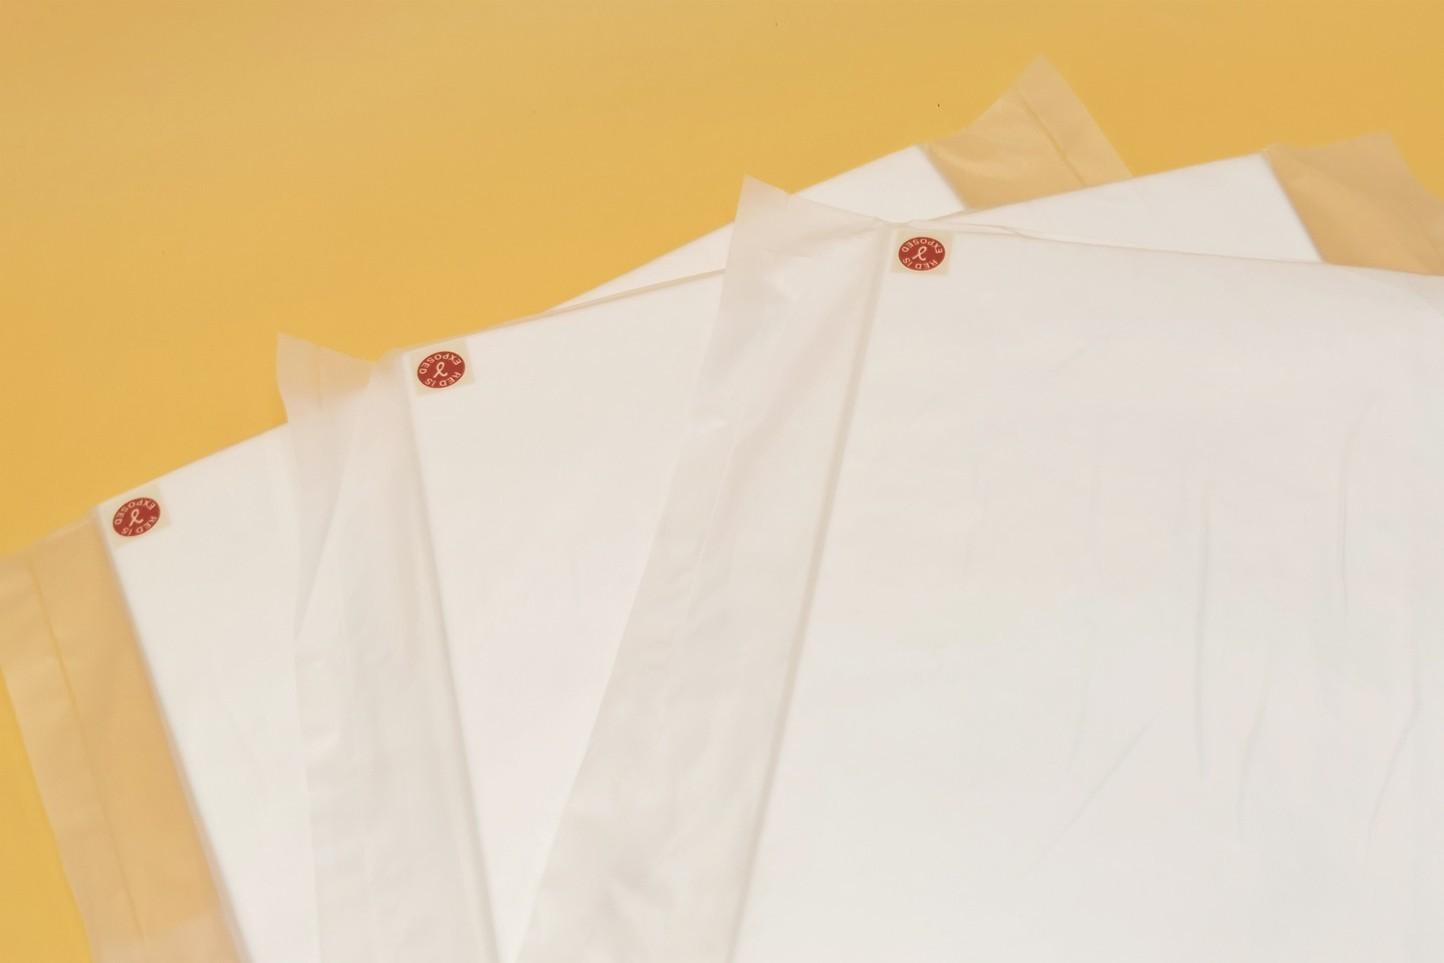 WW-WPS1-ST Sterilized wipes